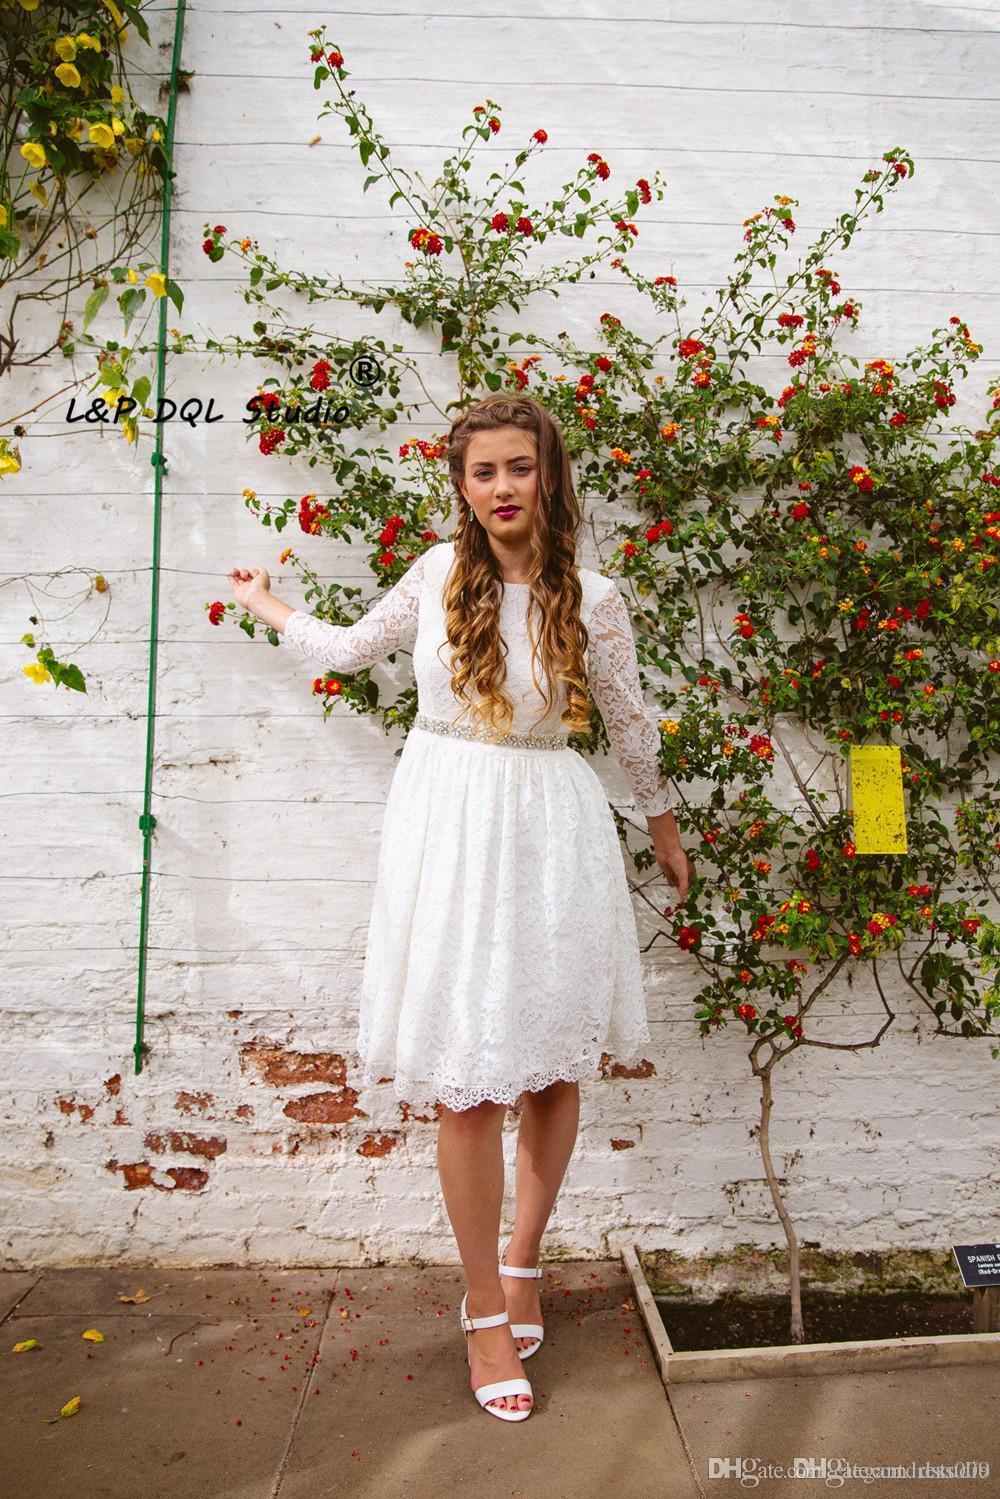 2018 Bohemio Barato Vestidos de novia de encaje completo Cuello de joya Mangas largas Fajas moldeadas Mini vestidos de novia Vestido de novia Boho